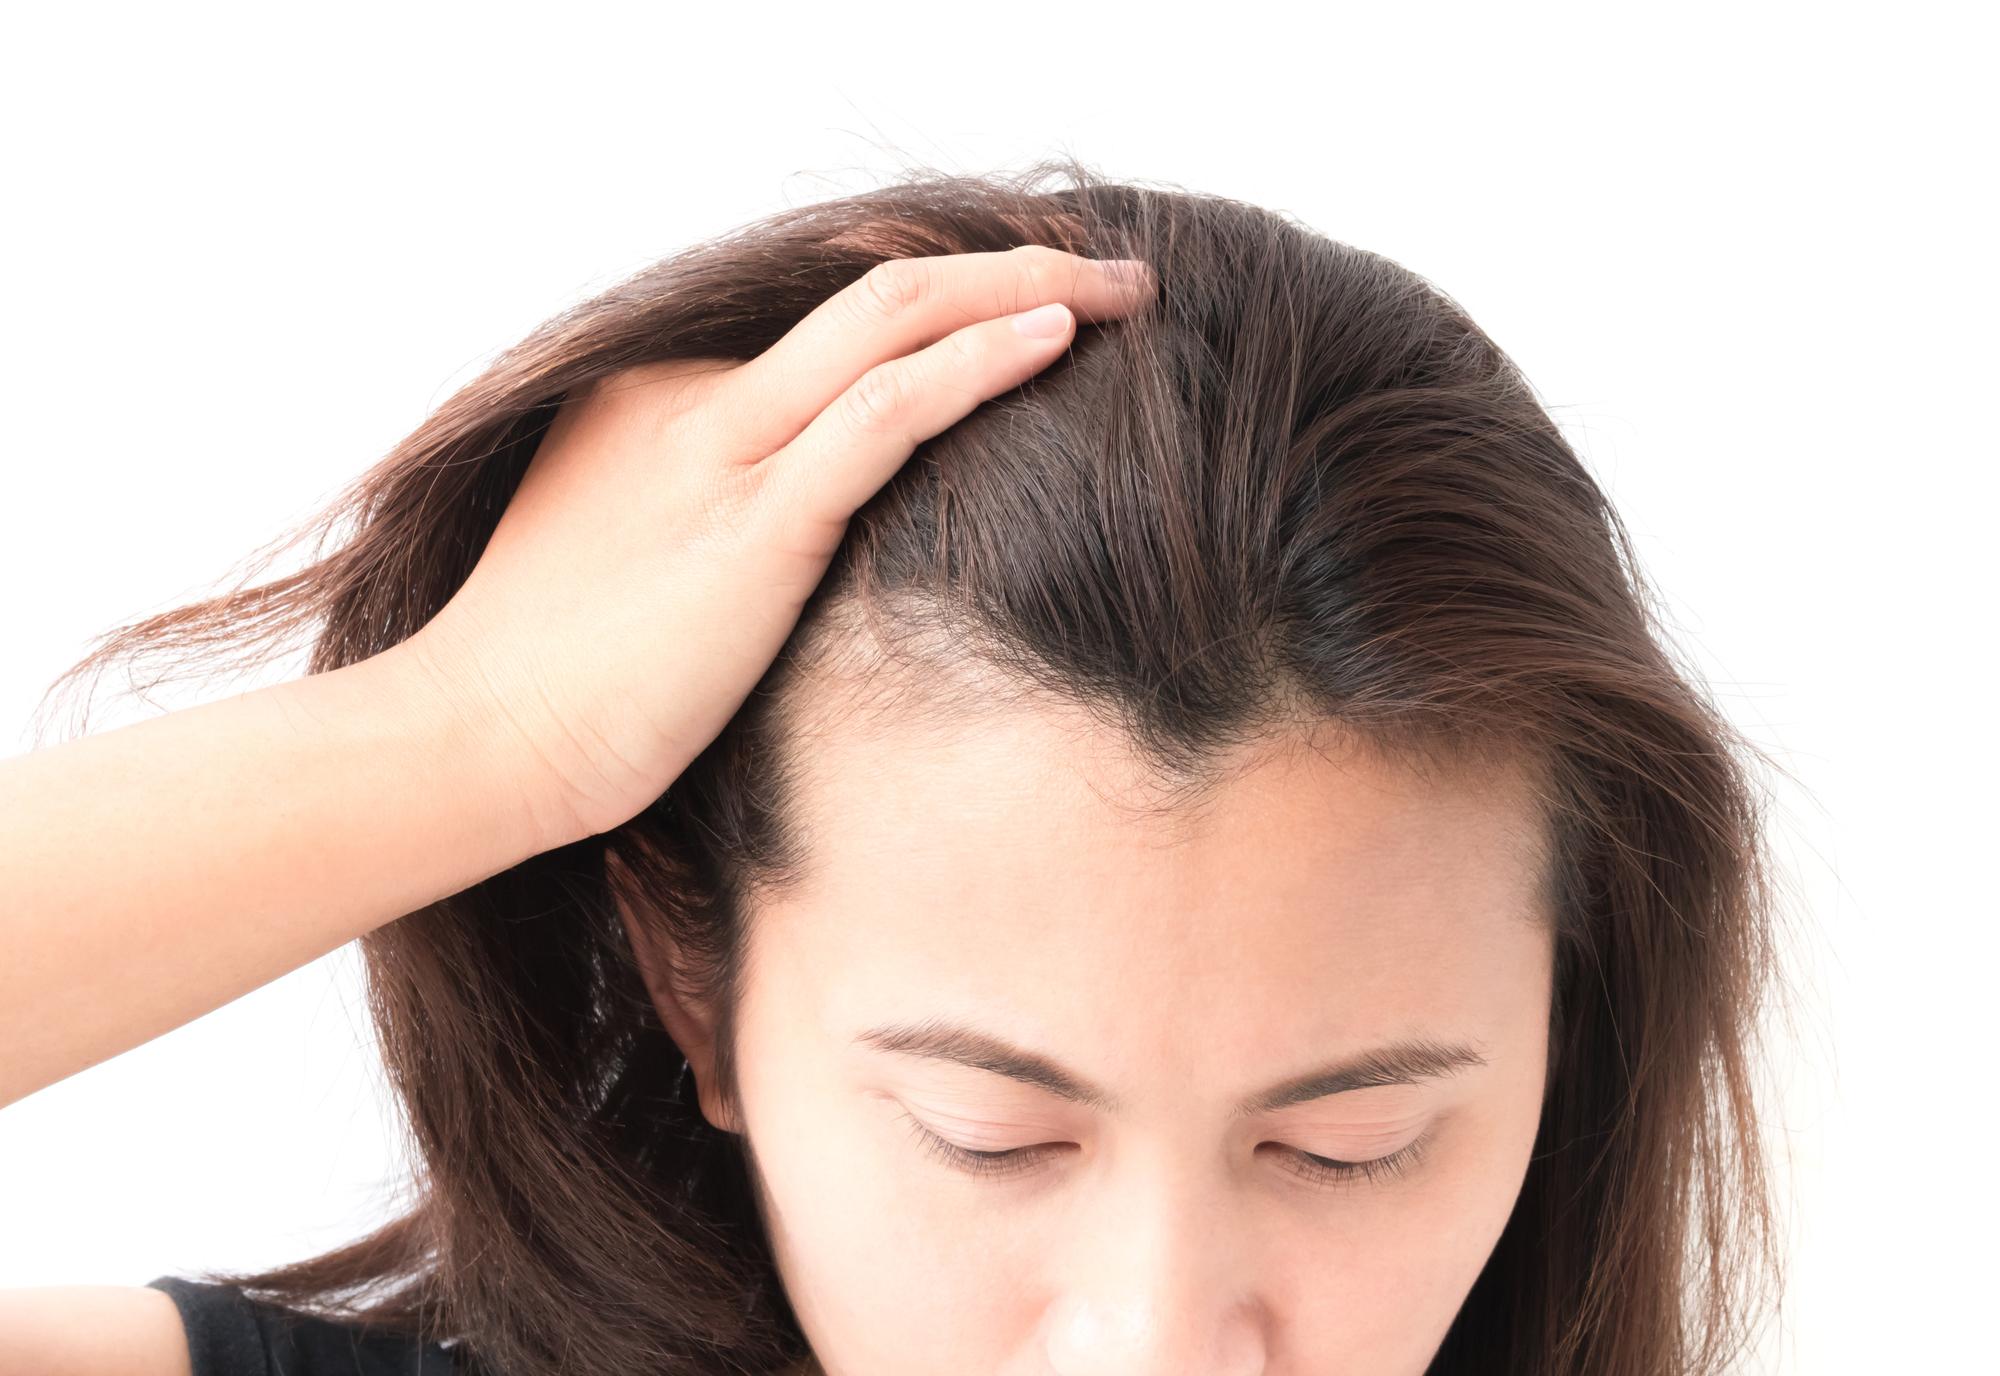 毛根でびまん性脱毛症の症状チェックはできる?